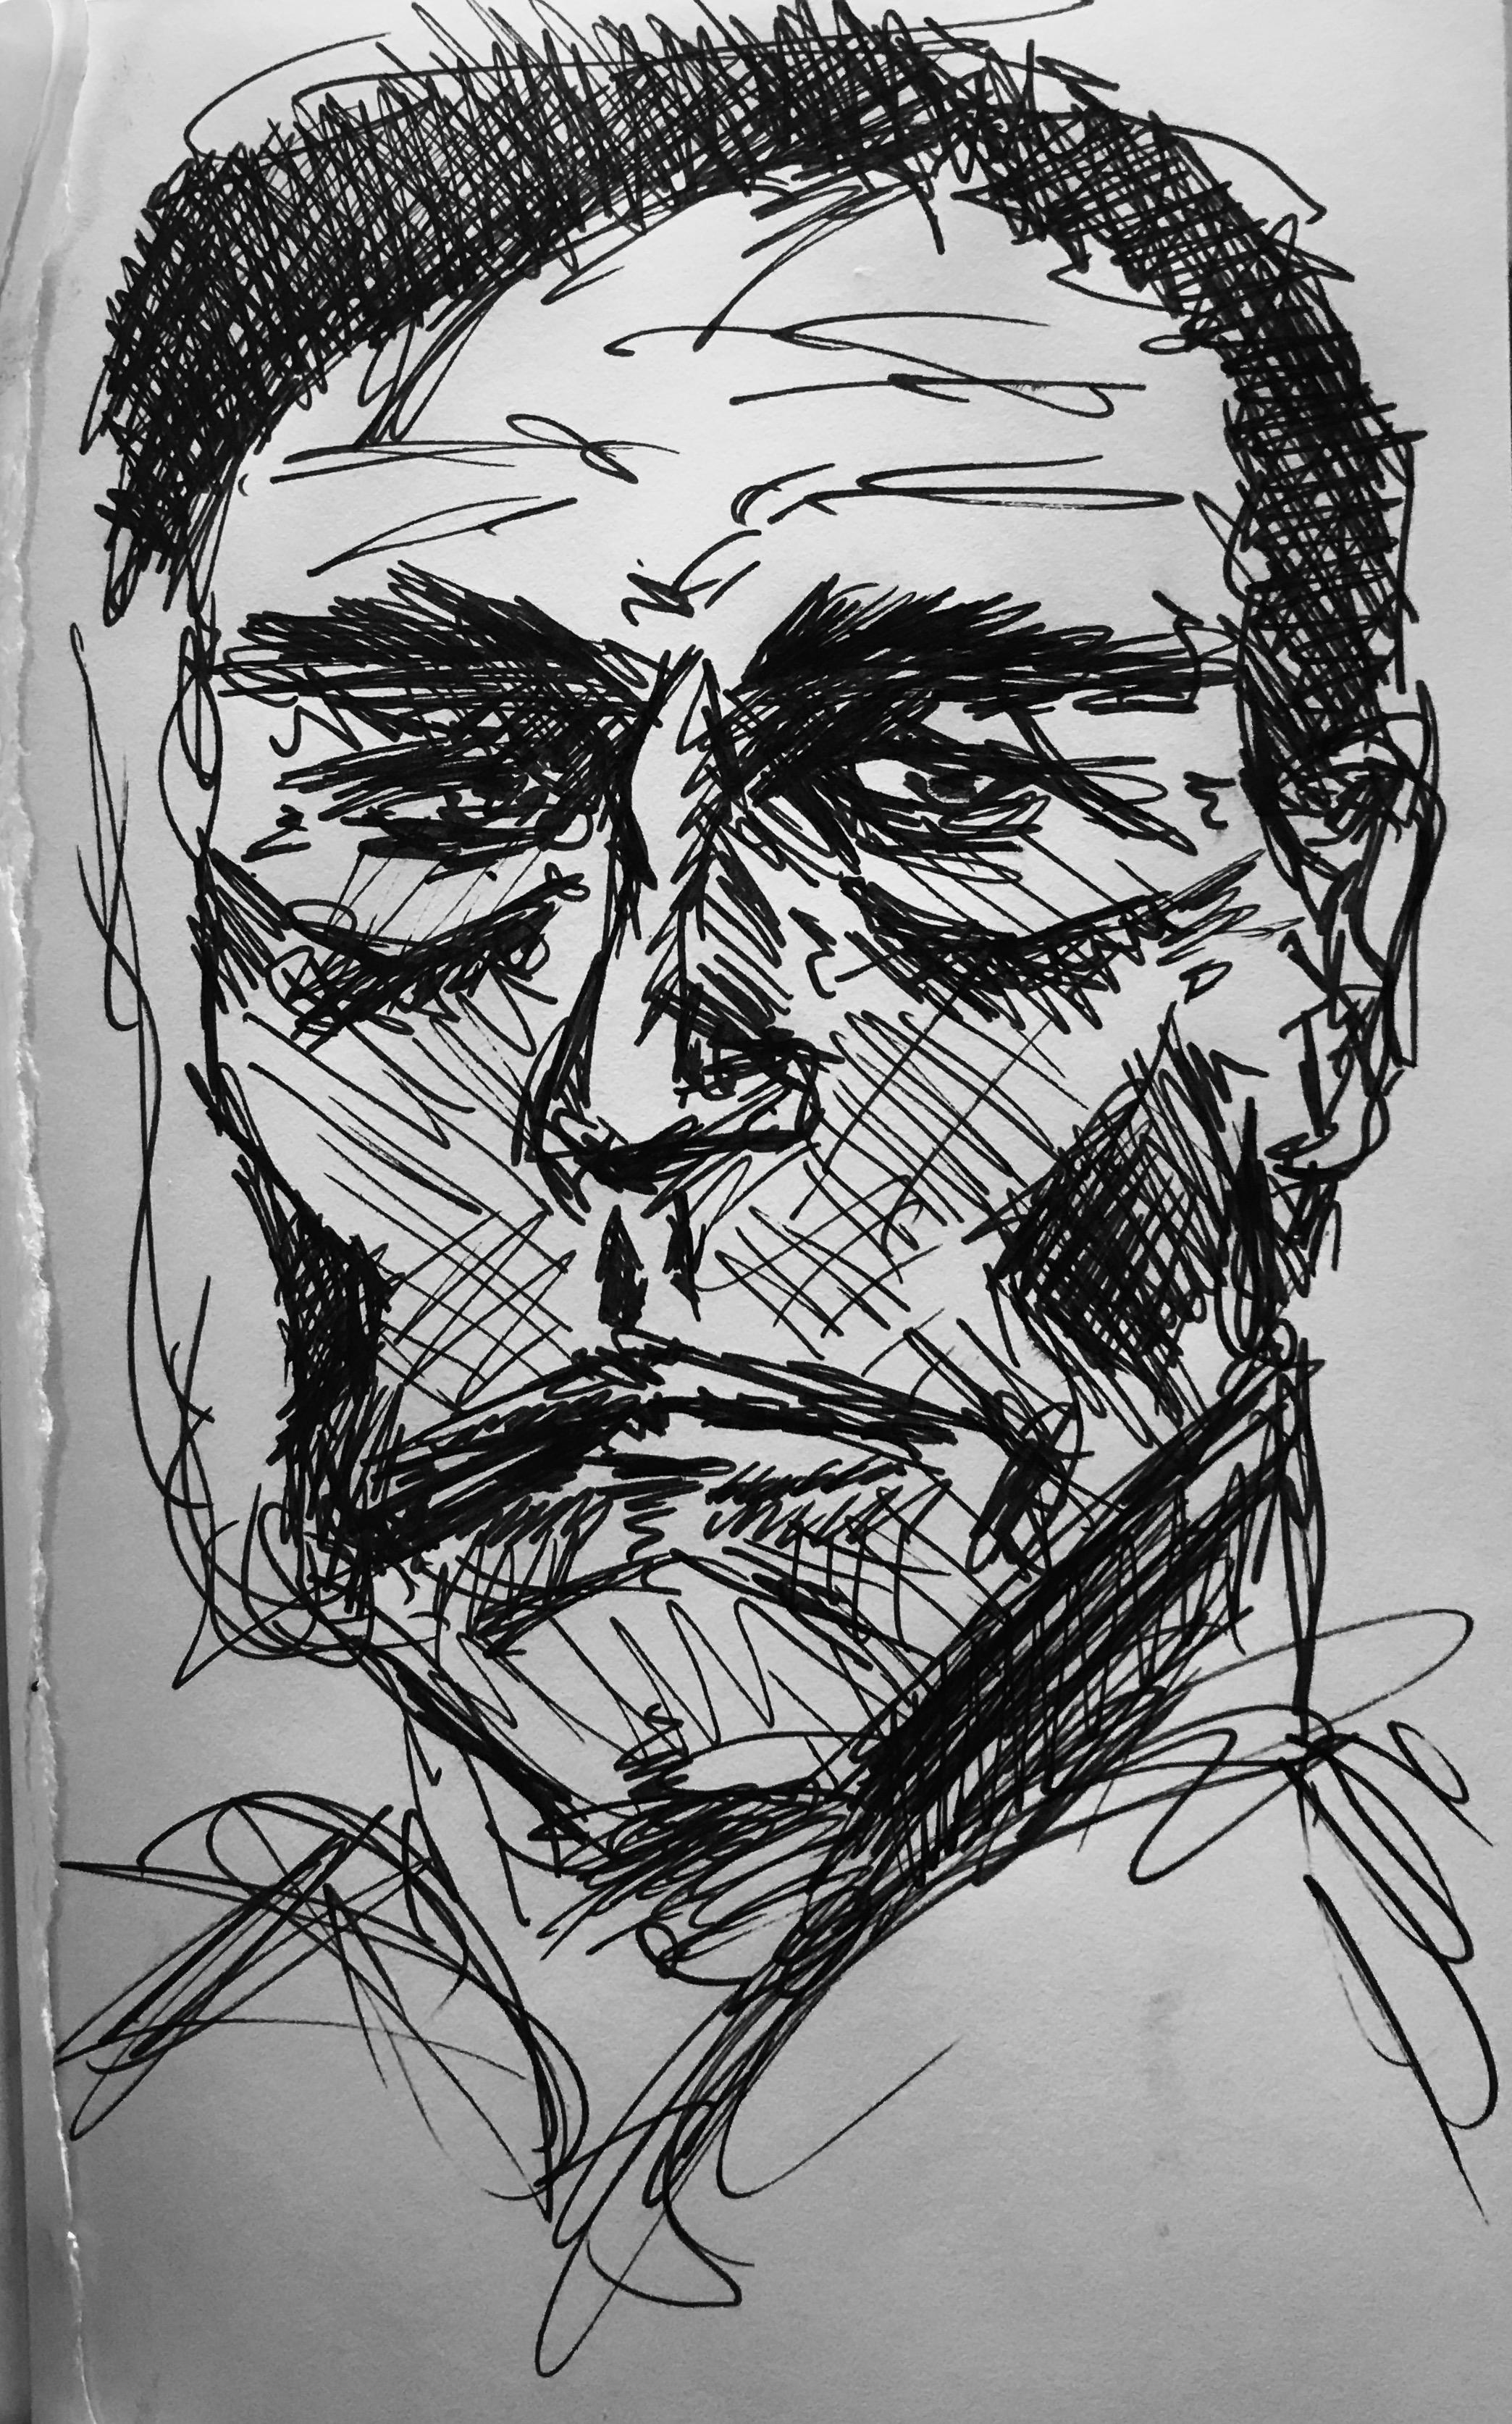 suspicion - 5 minutes to draw